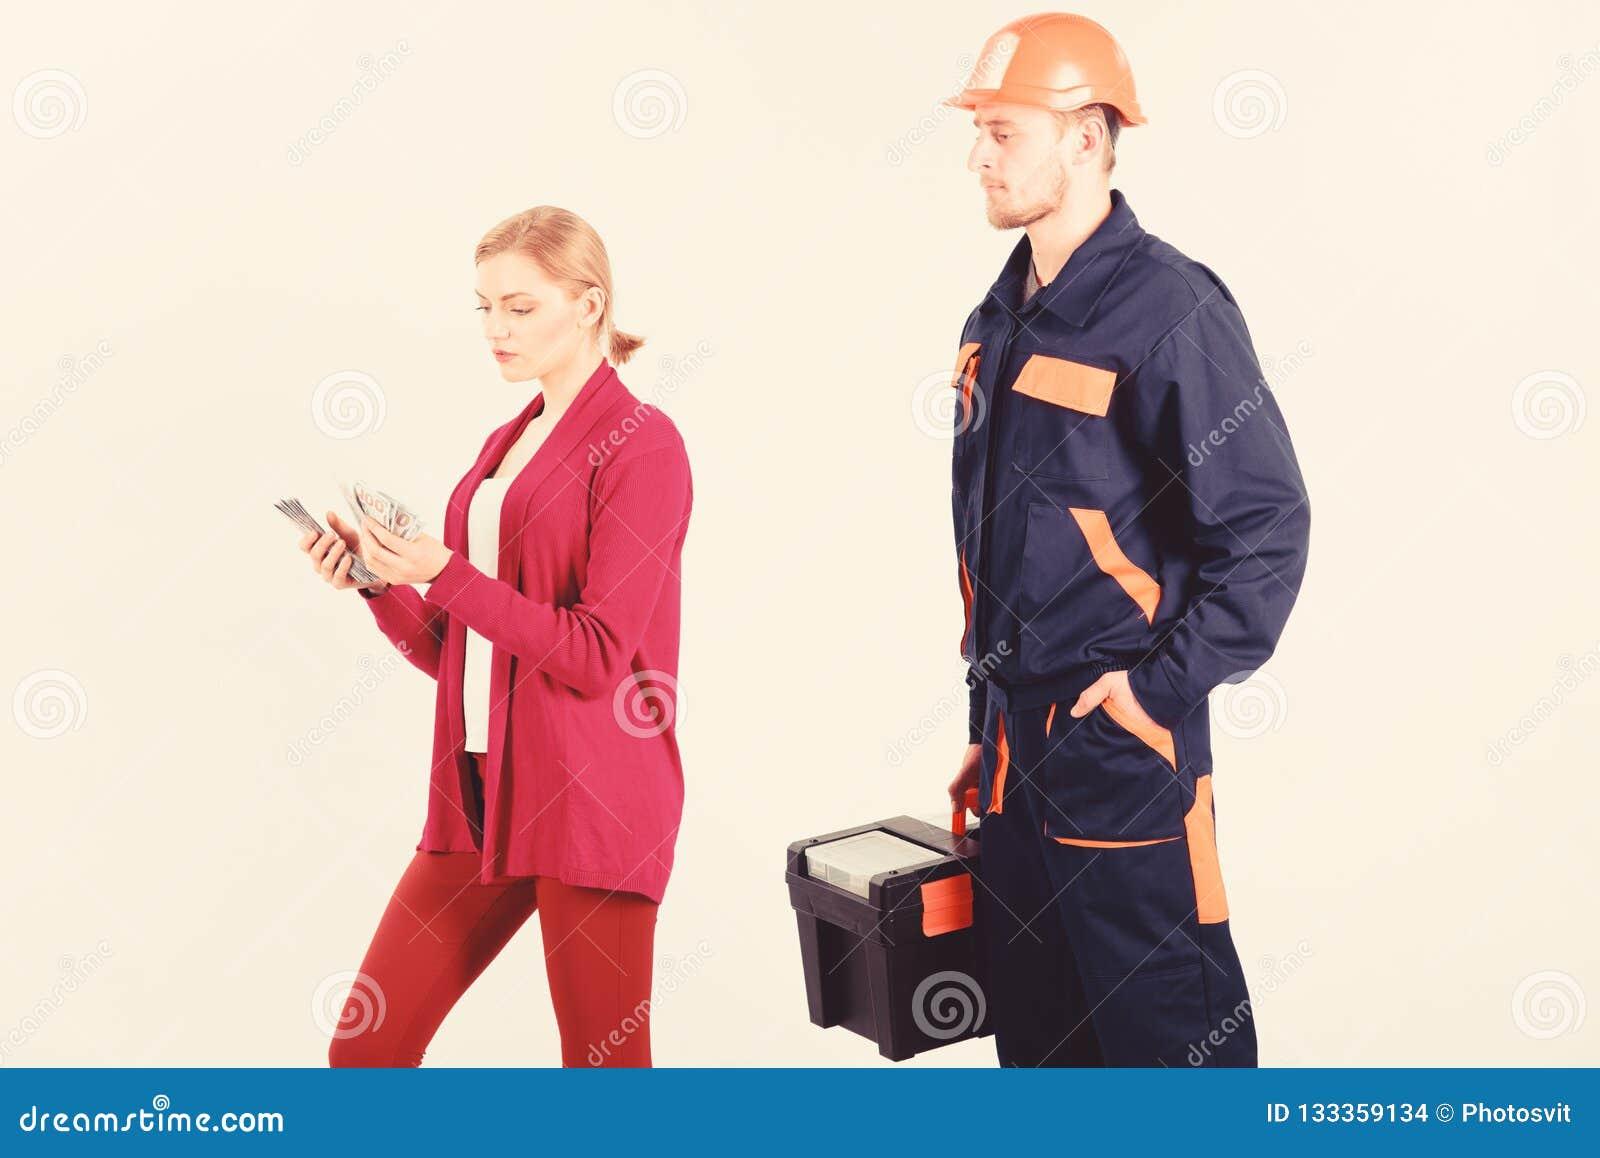 Клиент обманывает ремонтник, построитель, механика Repairer, построитель хочет зарплату